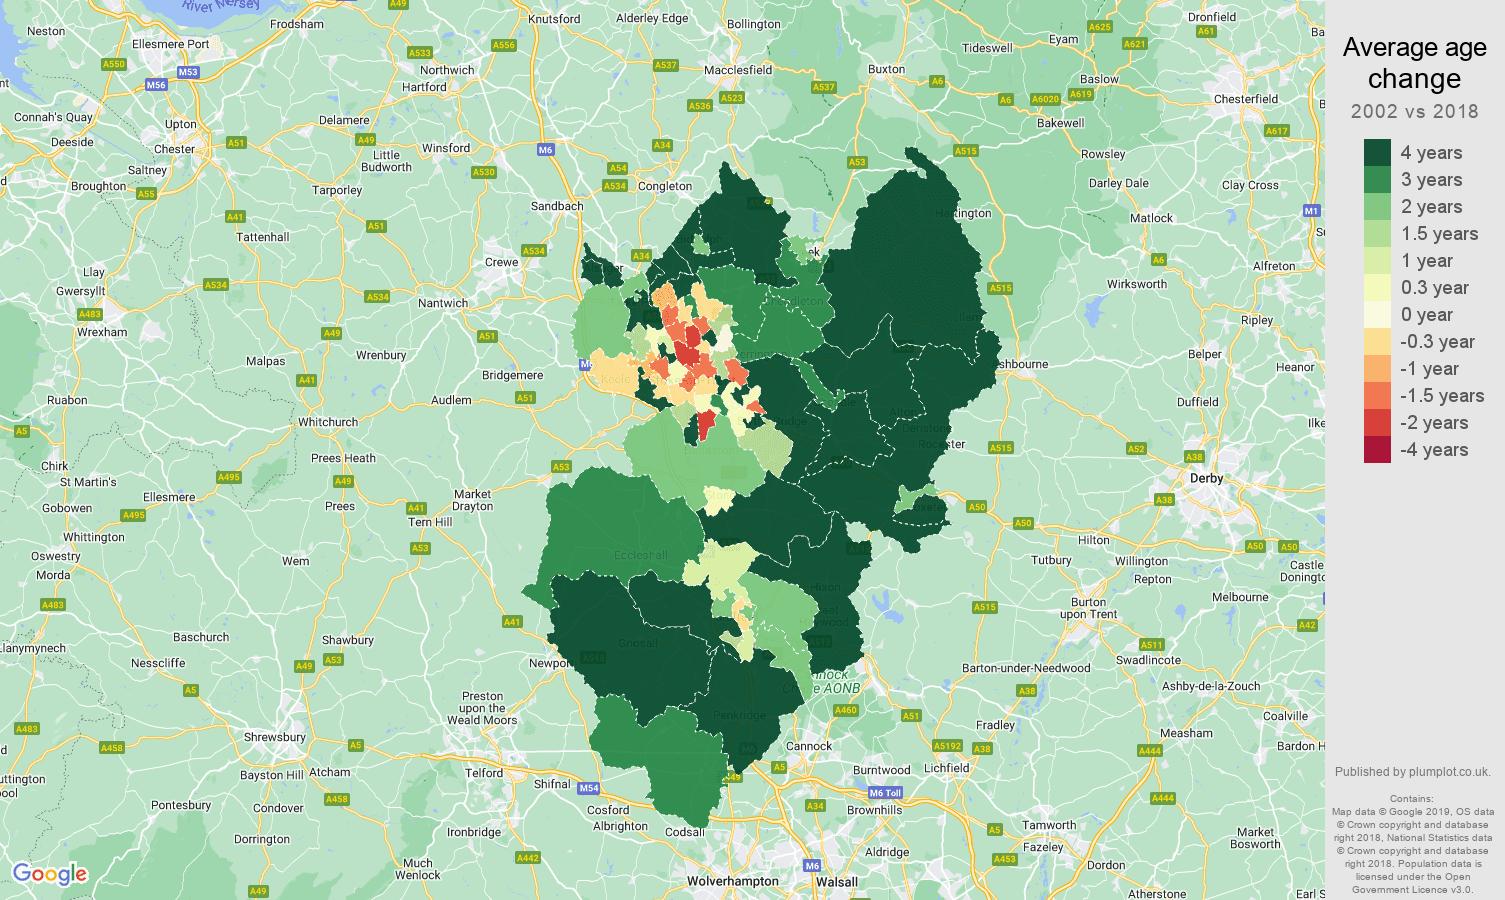 Stoke on Trent average age change map